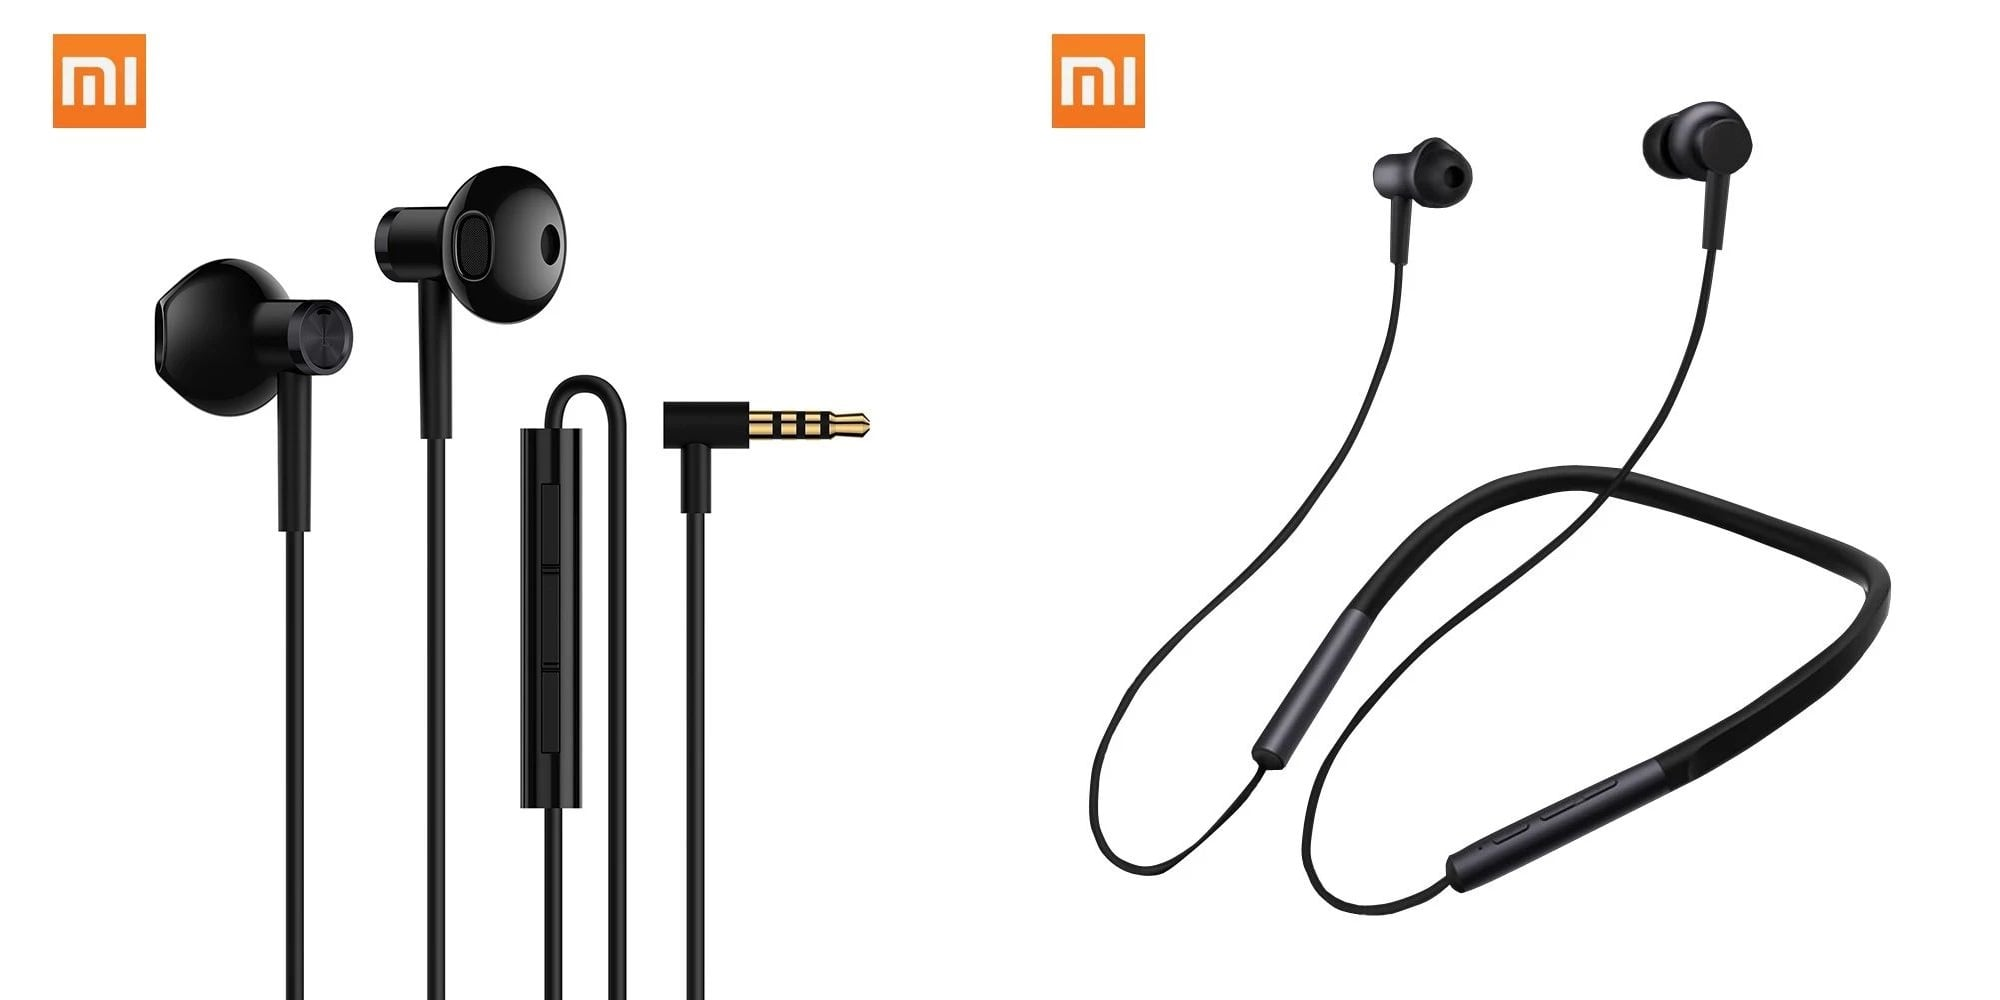 Promocja: fajne słuchawki Xiaomi w dobrej cenie. Do wyboru przewodowe i bezprzewodowe 21